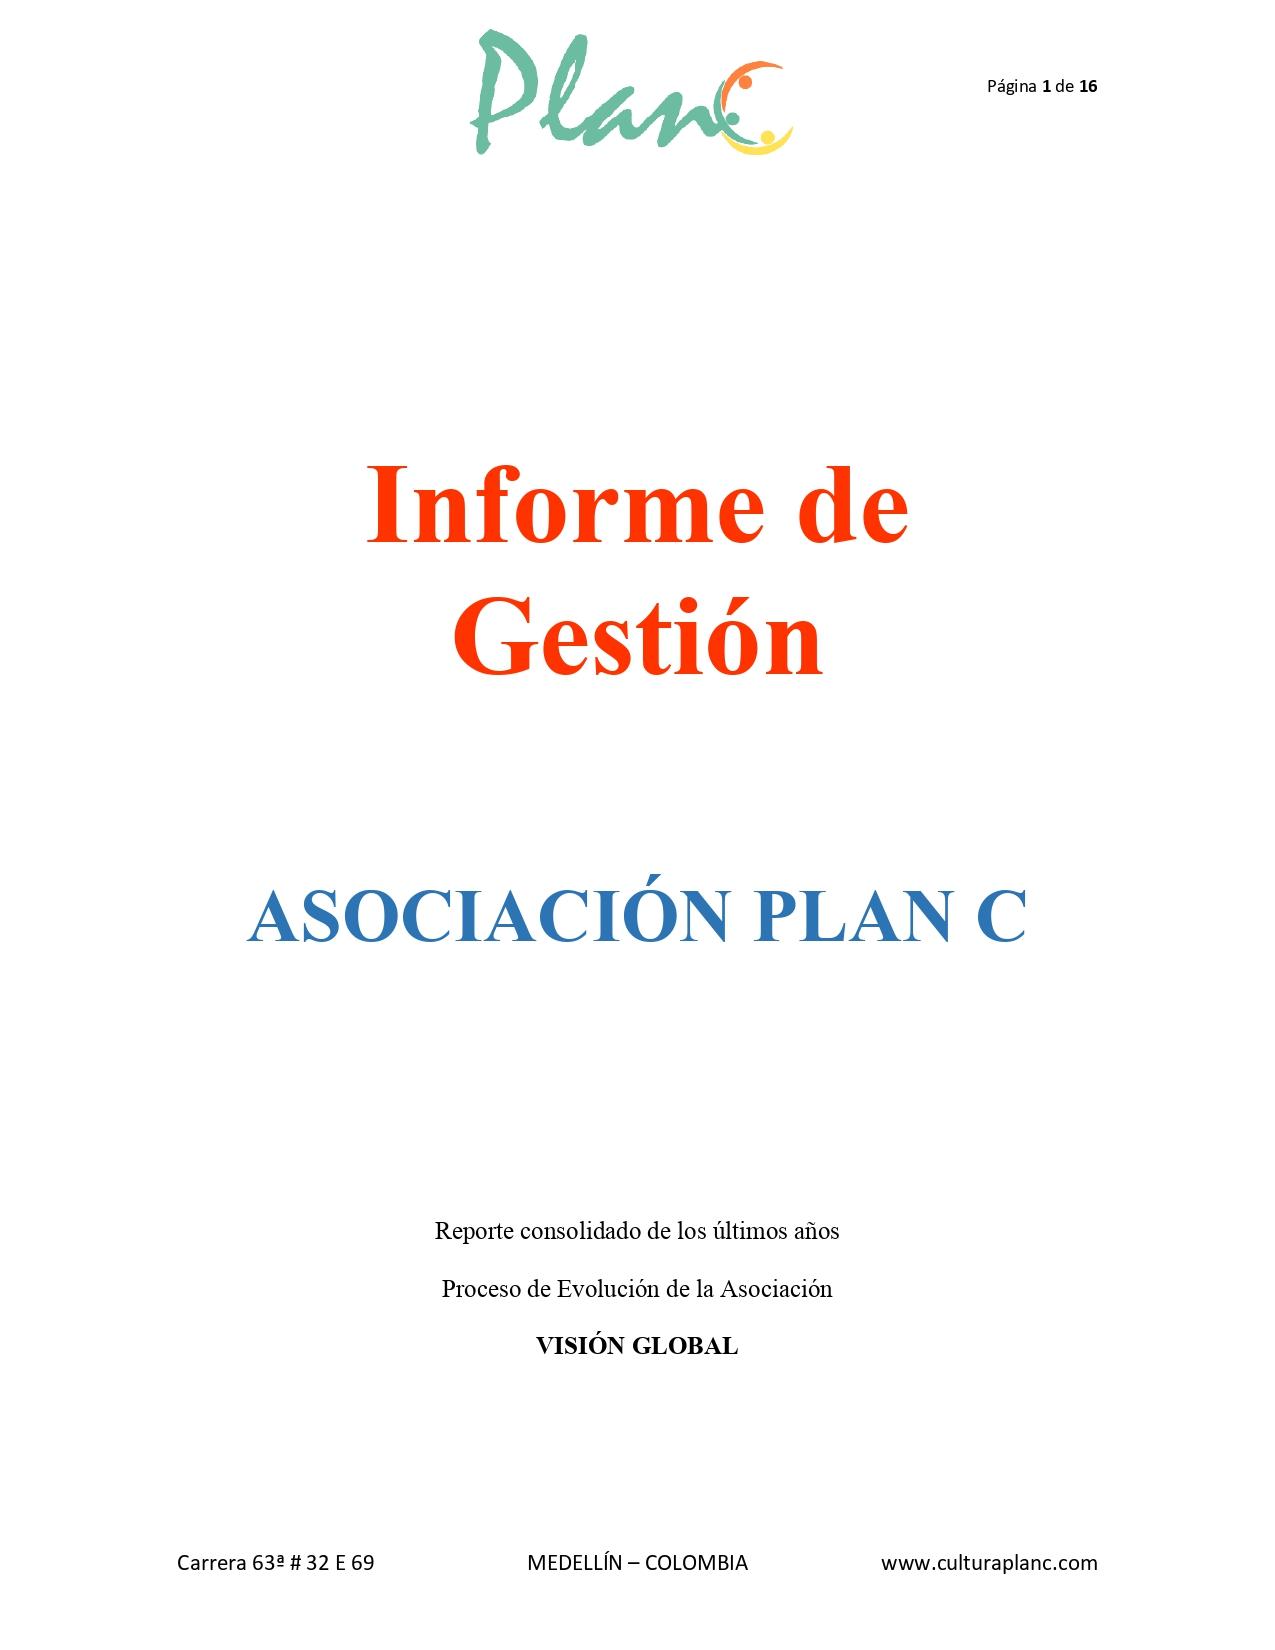 Informe de Gestión Global (1)-páginas-1